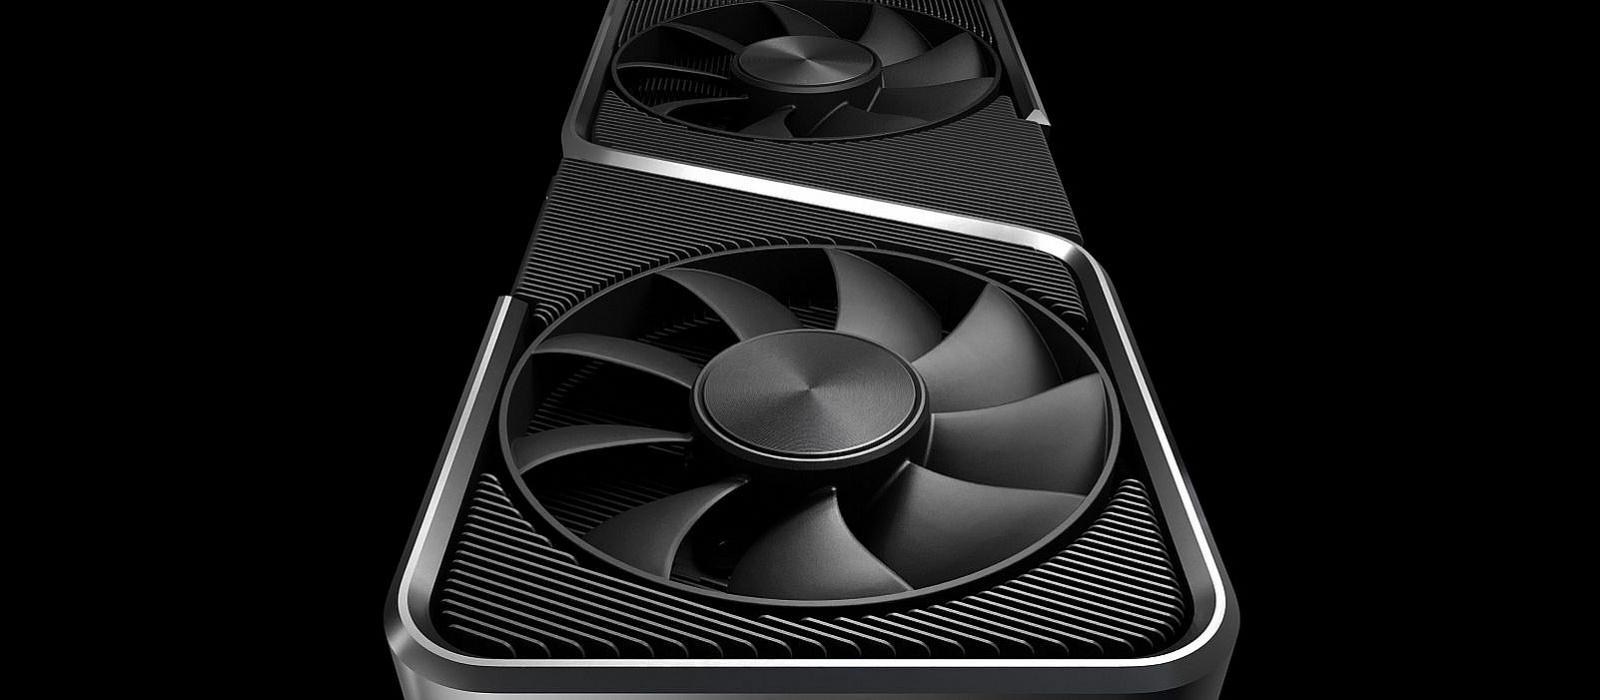 NVIDIA bereitet neue RTX 3000-Grafikkarten mit Mining-Schutz vor.  Die Veröffentlichung scheint sehr bald zu sein